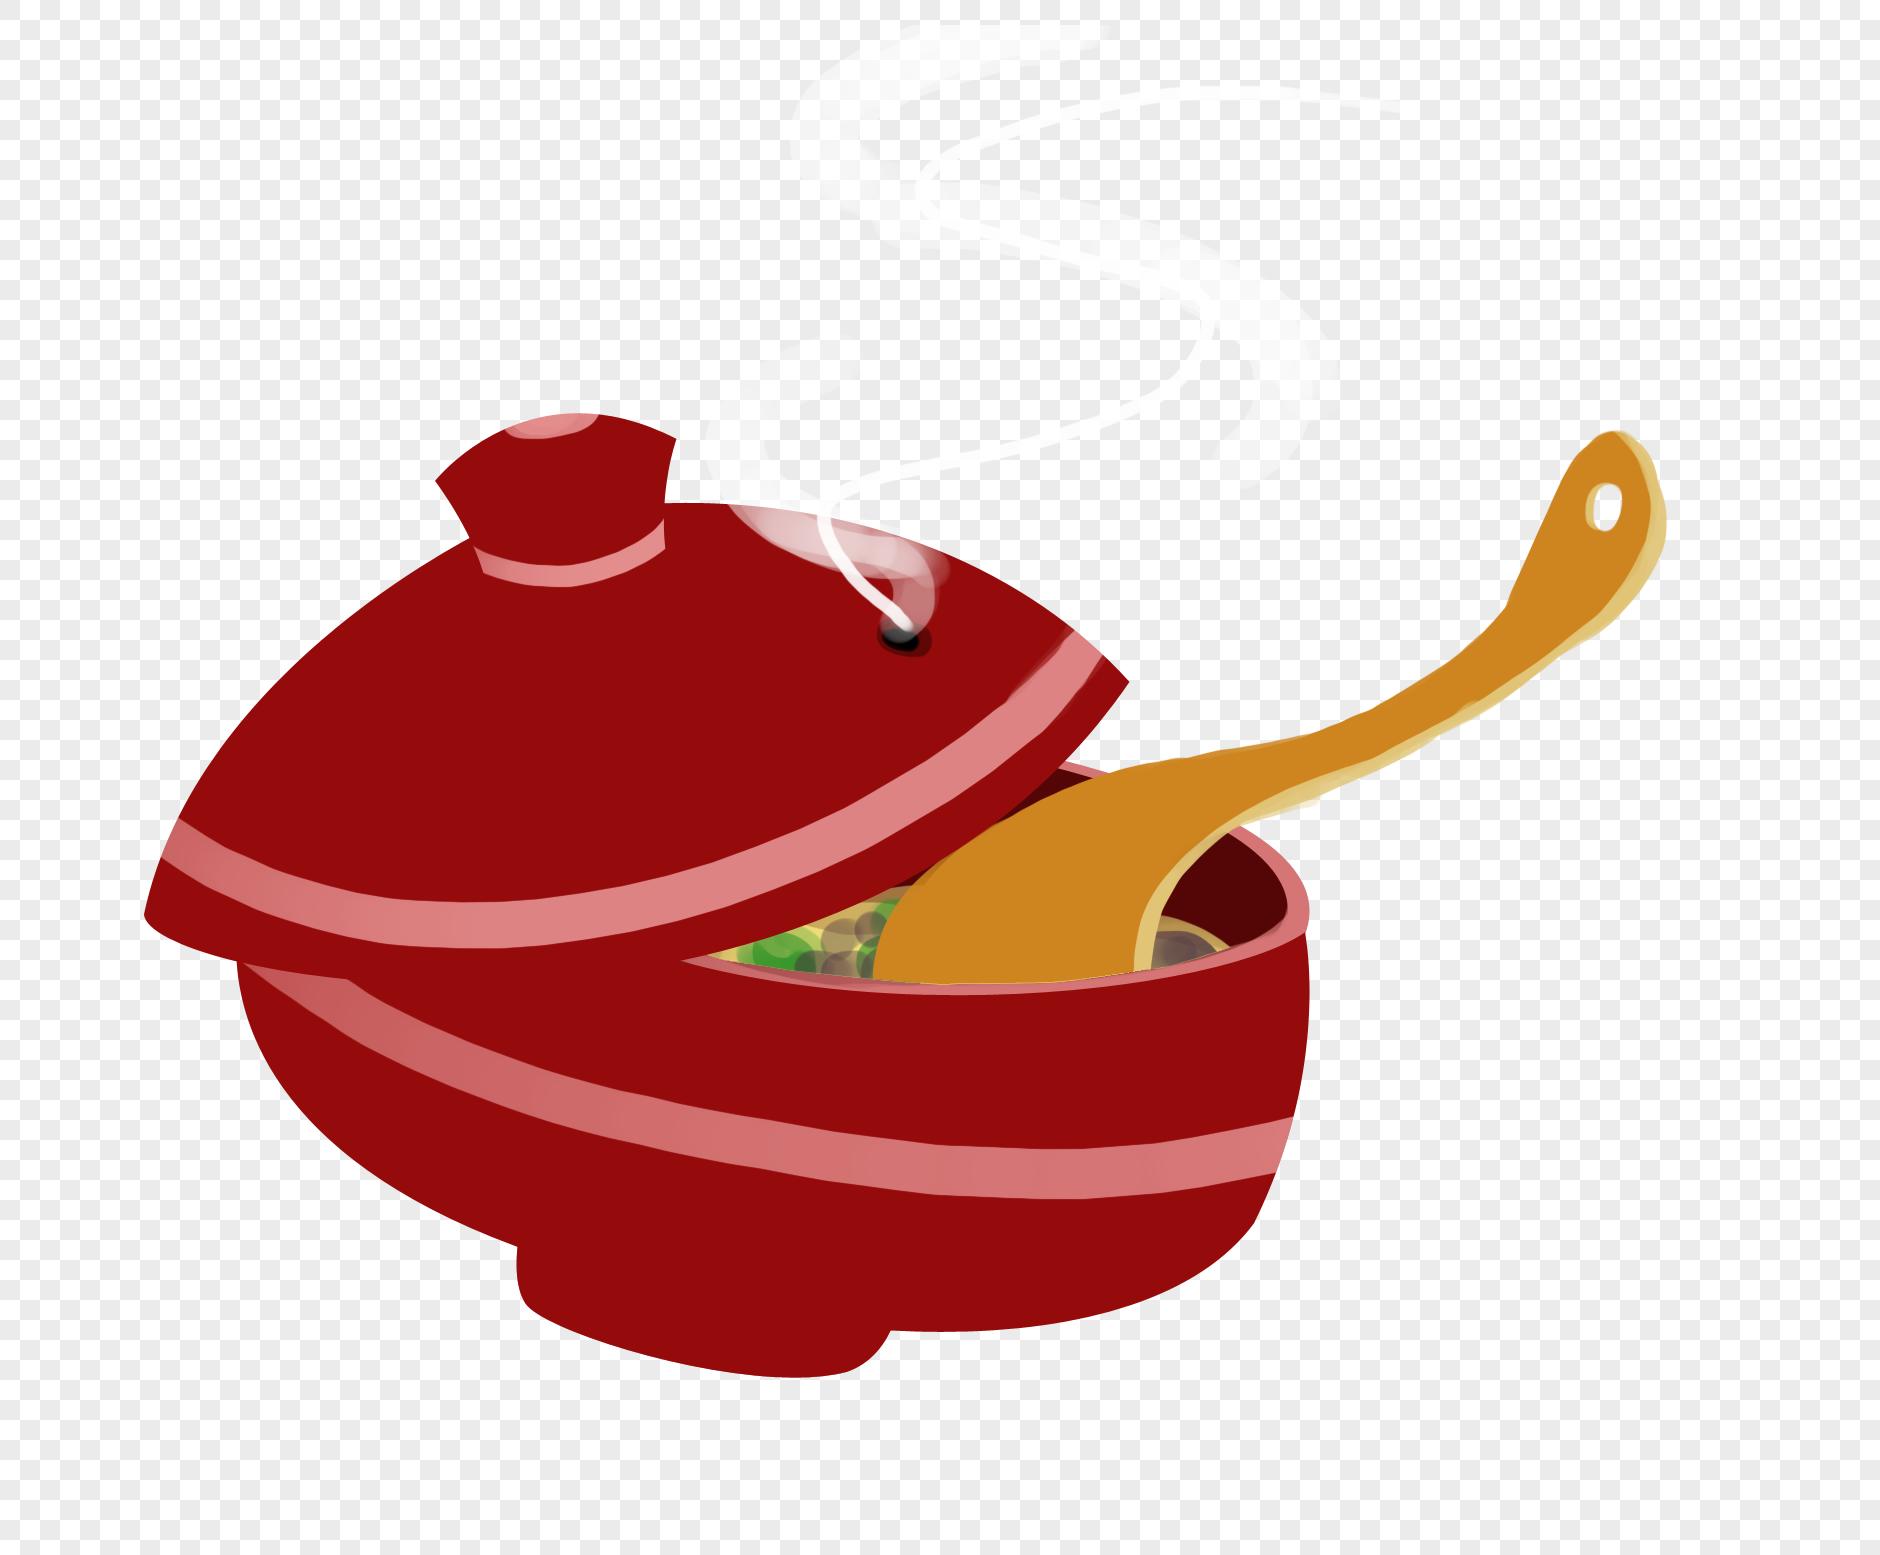 单个素描砂锅结构图